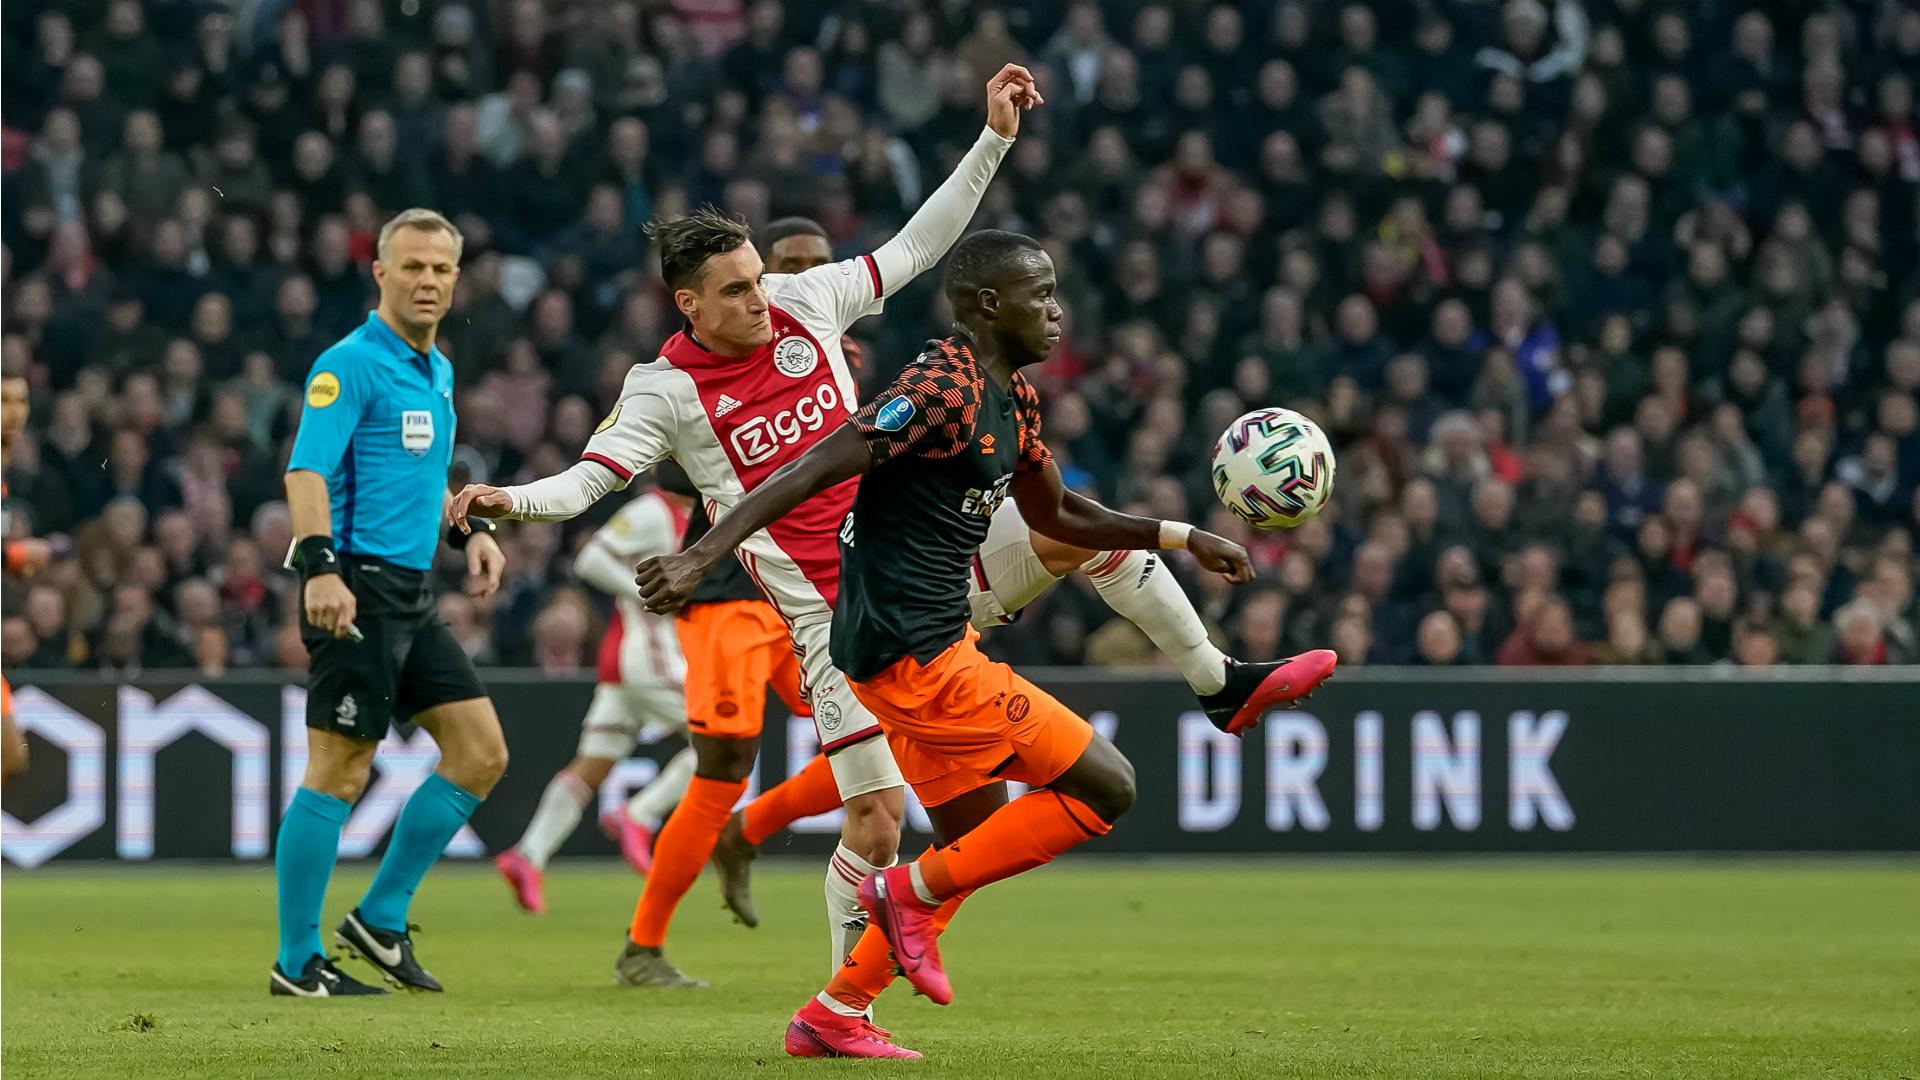 Ajax V Psv Wedstrijdverslag 02 02 20 Eredivisie Goal Com